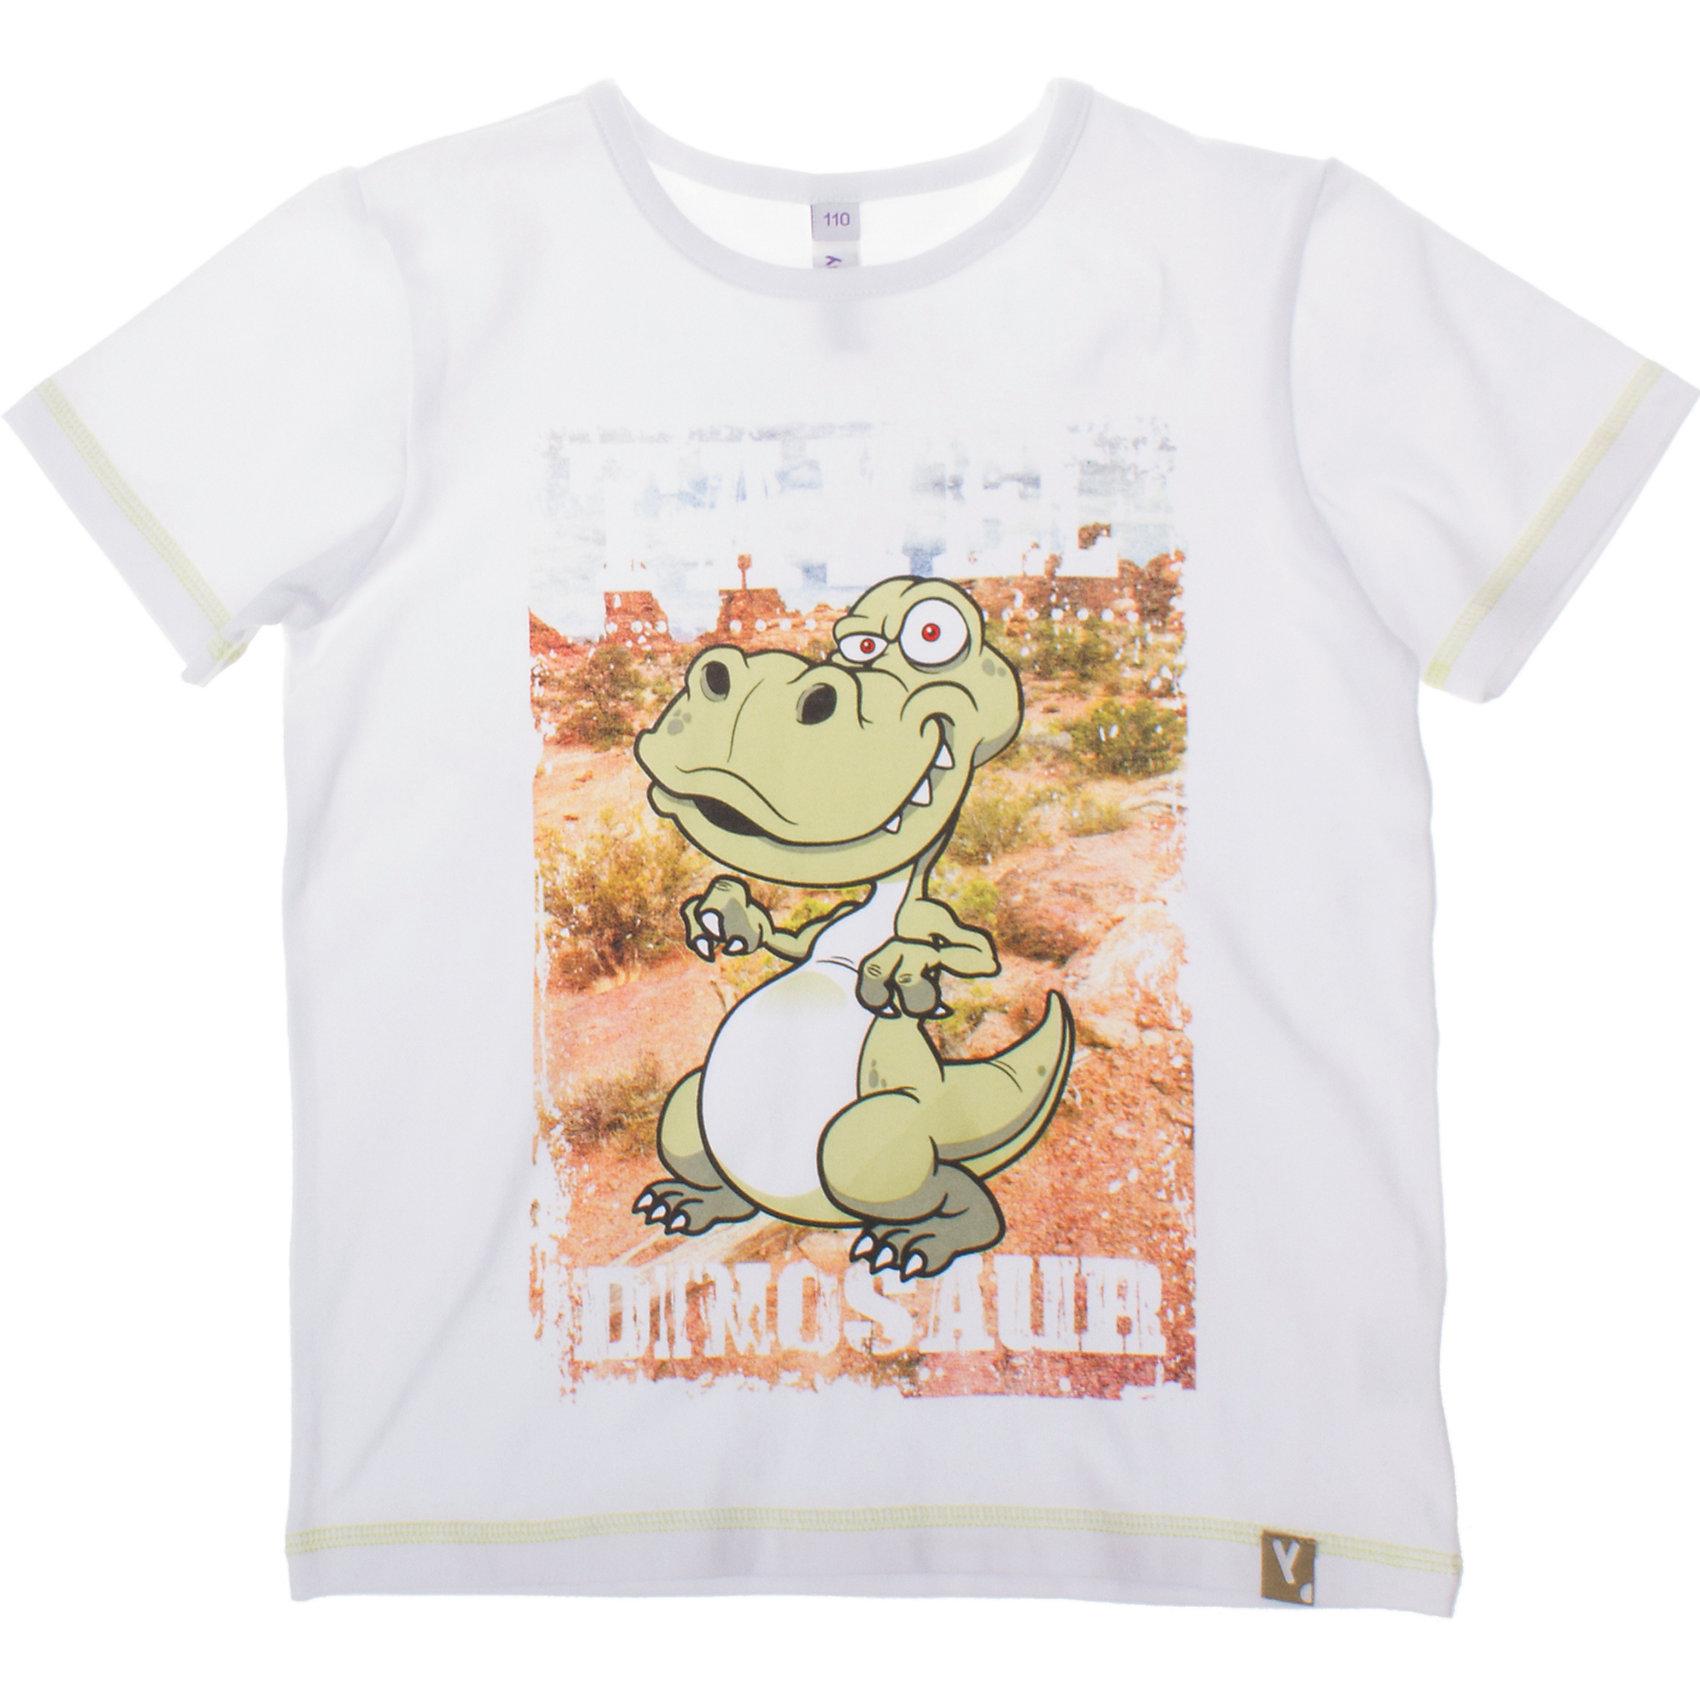 Футболка для мальчика PlayTodayМягкая хлопковая футболка белого цвета. Украшена большим водным принтом с динозавром. Состав: 95% хлопок, 5% эластан<br><br>Ширина мм: 199<br>Глубина мм: 10<br>Высота мм: 161<br>Вес г: 151<br>Цвет: белый<br>Возраст от месяцев: 84<br>Возраст до месяцев: 96<br>Пол: Мужской<br>Возраст: Детский<br>Размер: 128,98,122,116,104,110<br>SKU: 4652498